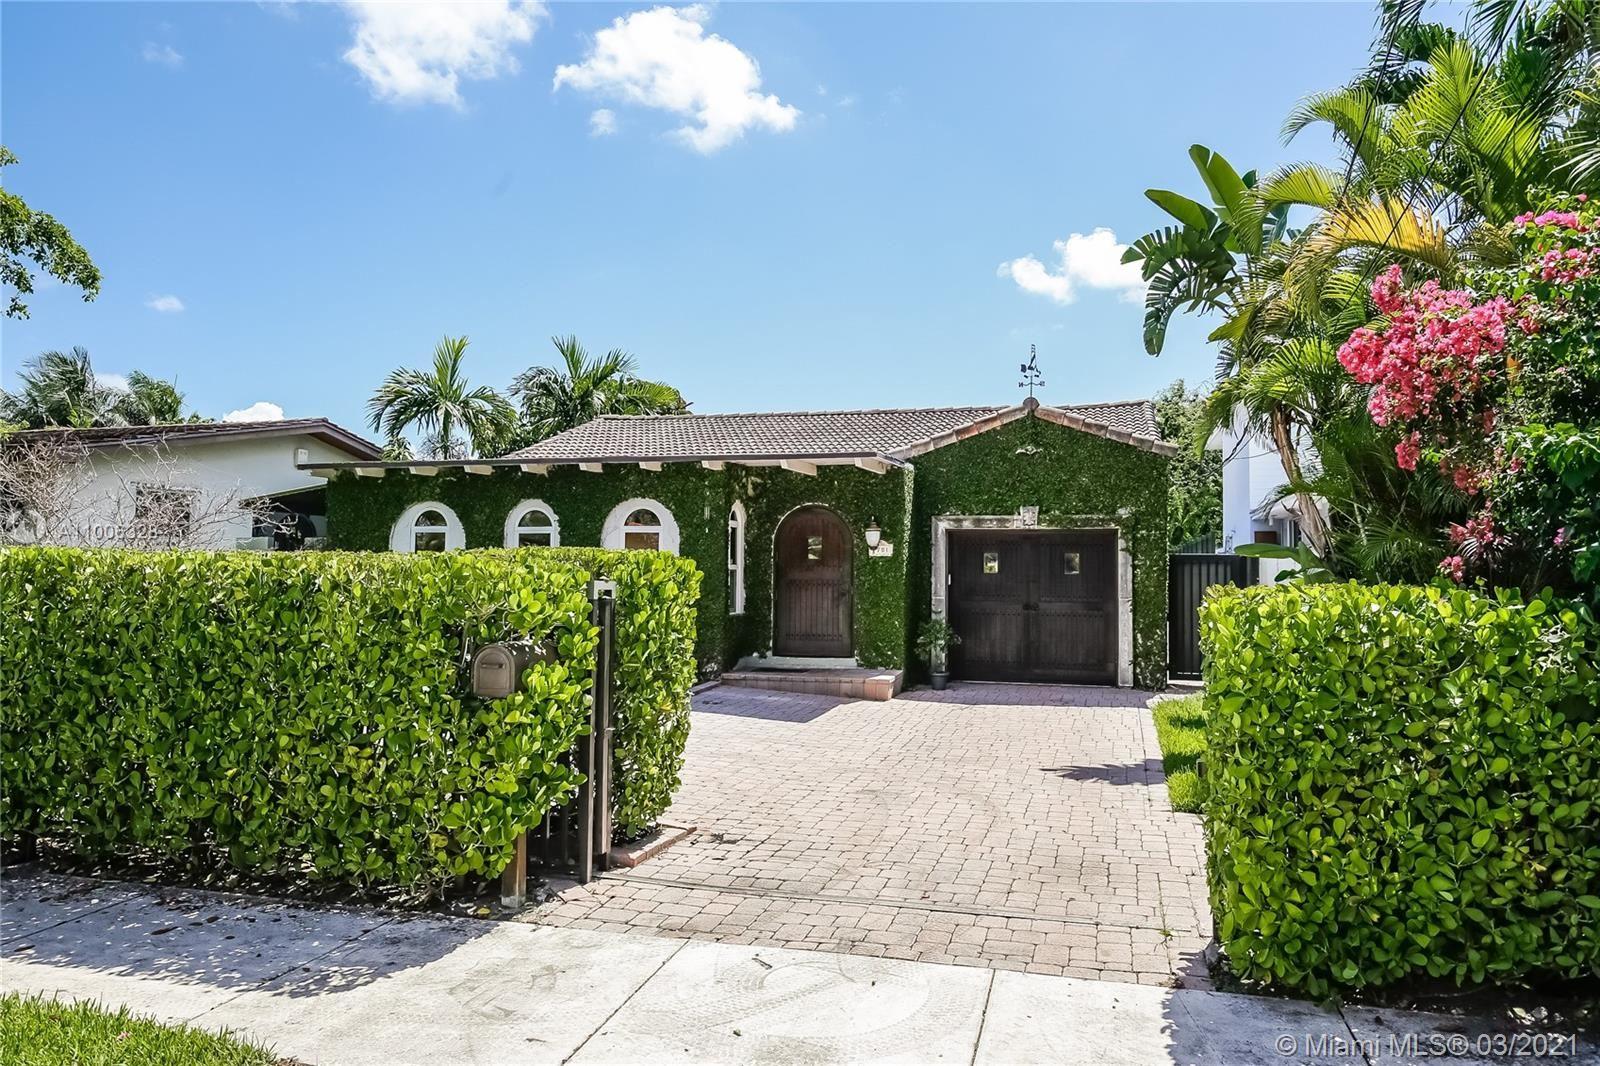 Photo of 7701 NE 8th Ave, Miami, FL 33138 (MLS # A11006328)